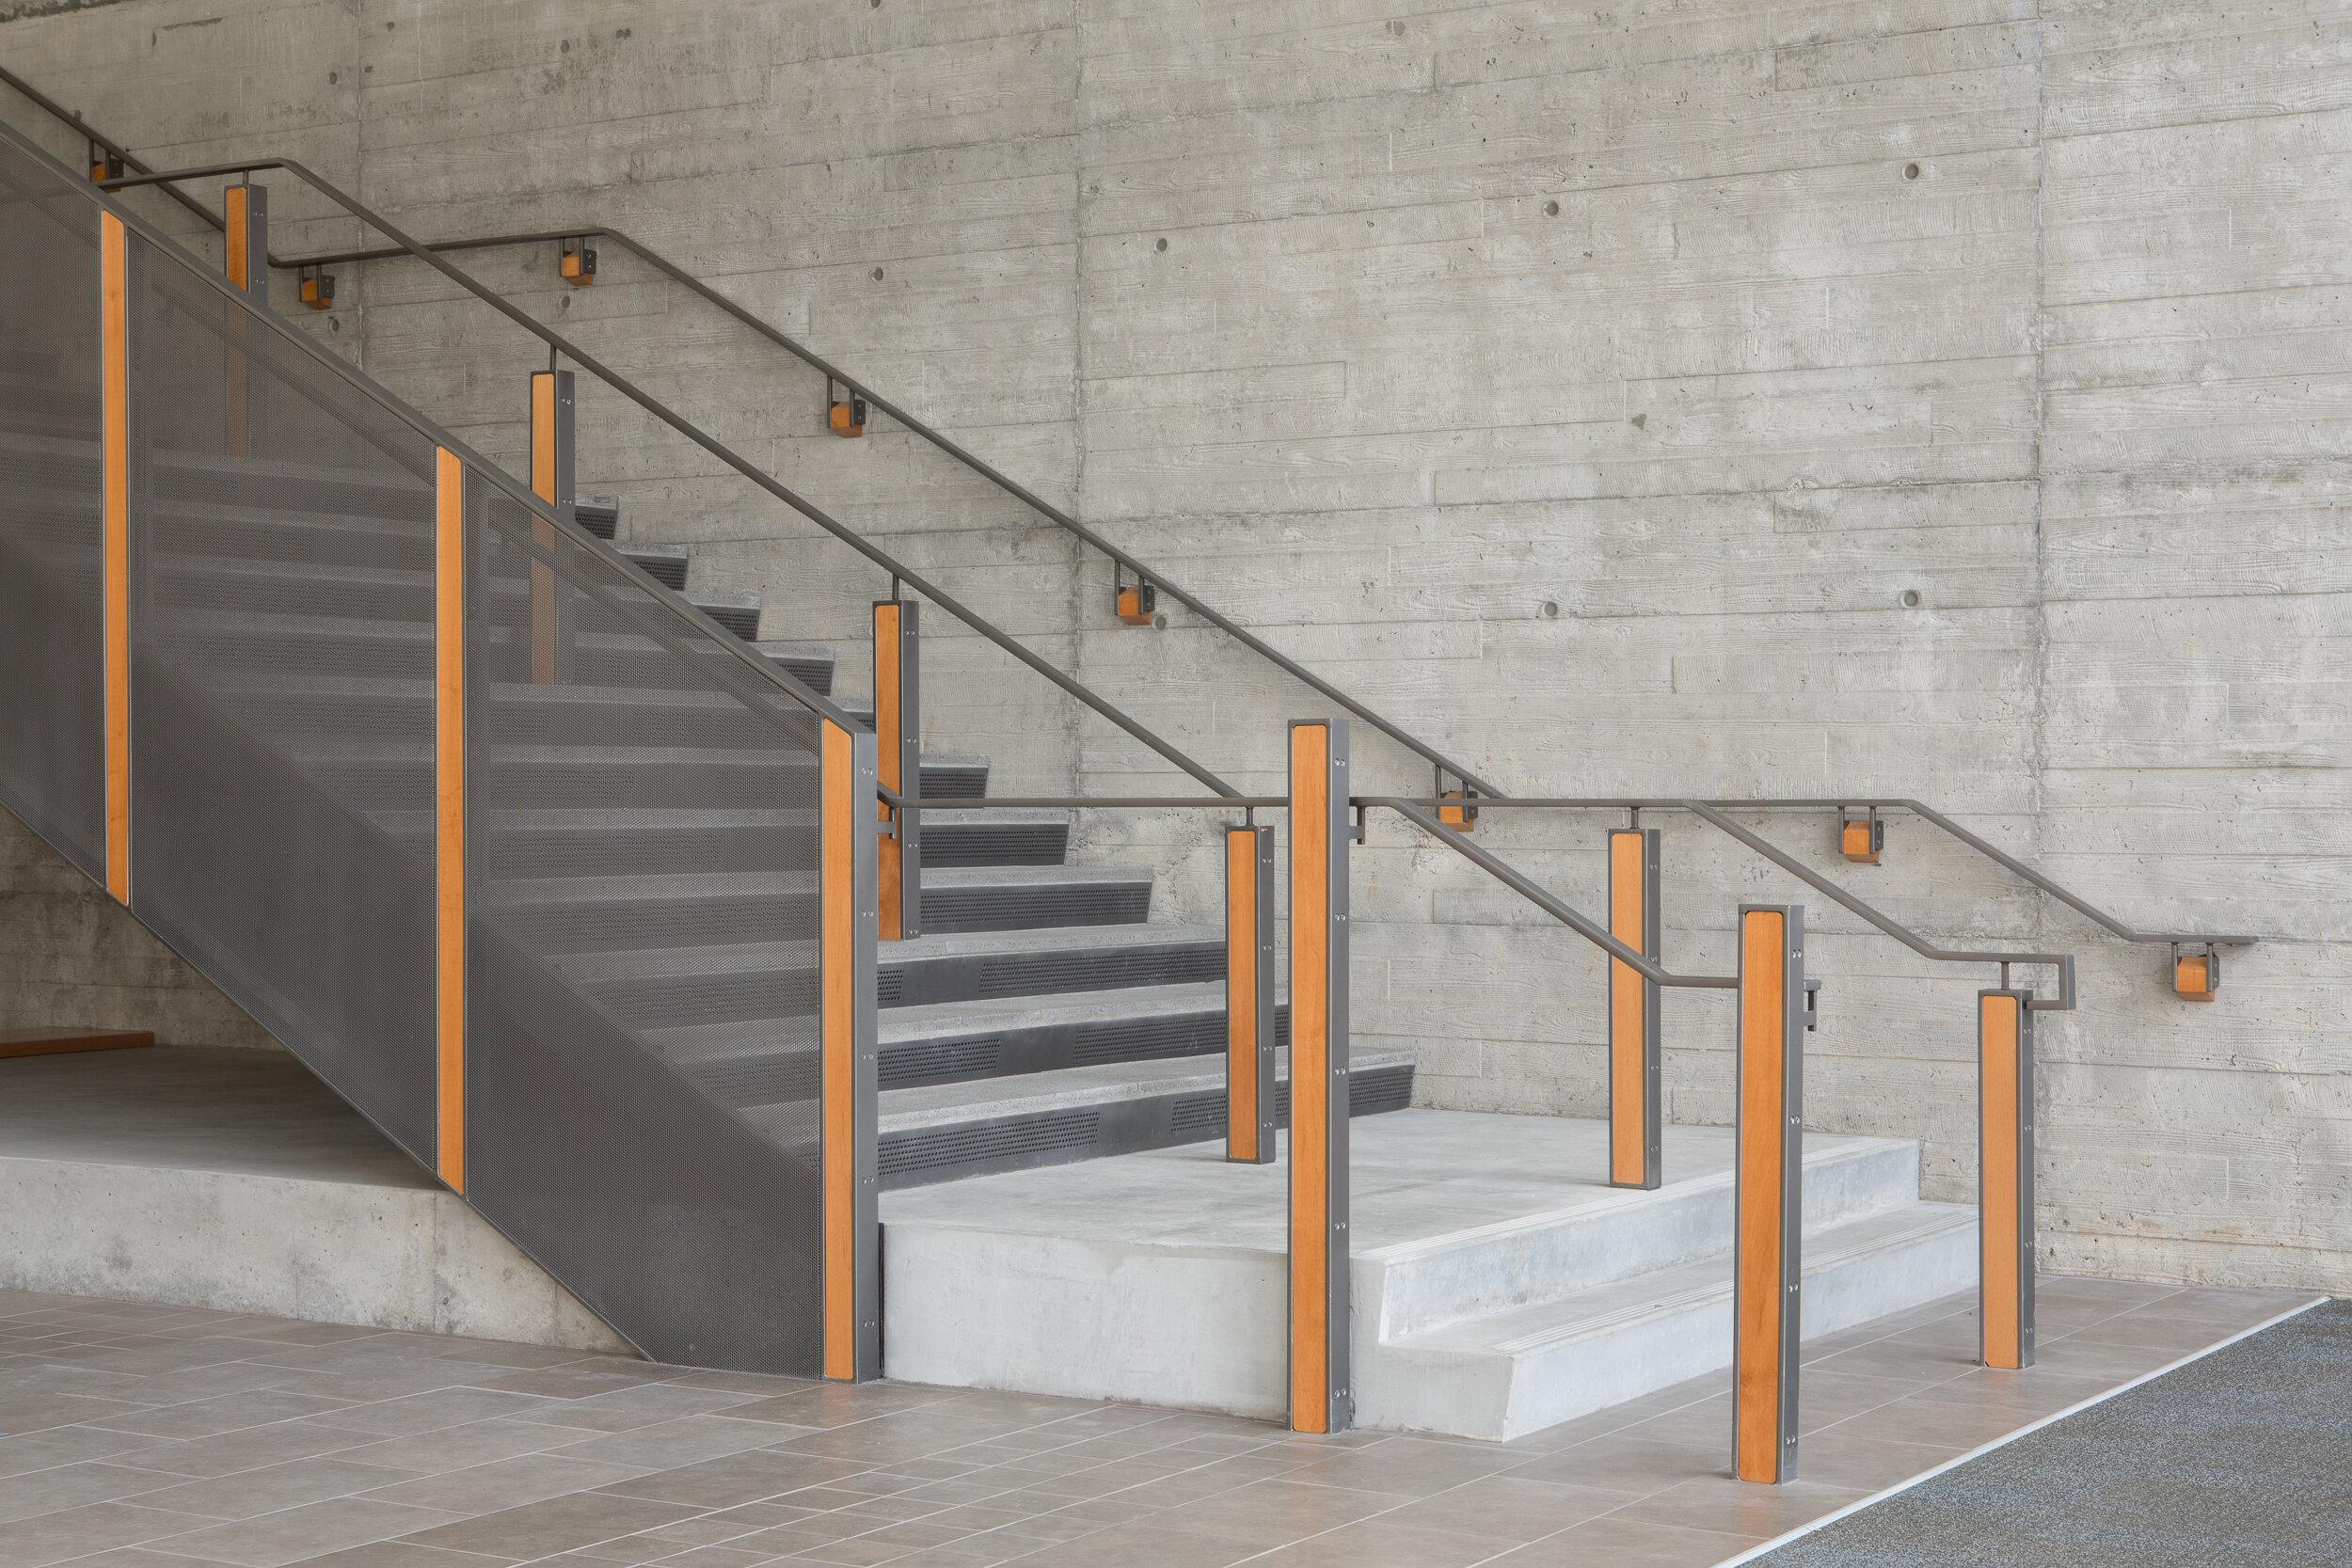 54-SandyHS-JoshPartee-4377-stair-dtl.jpg